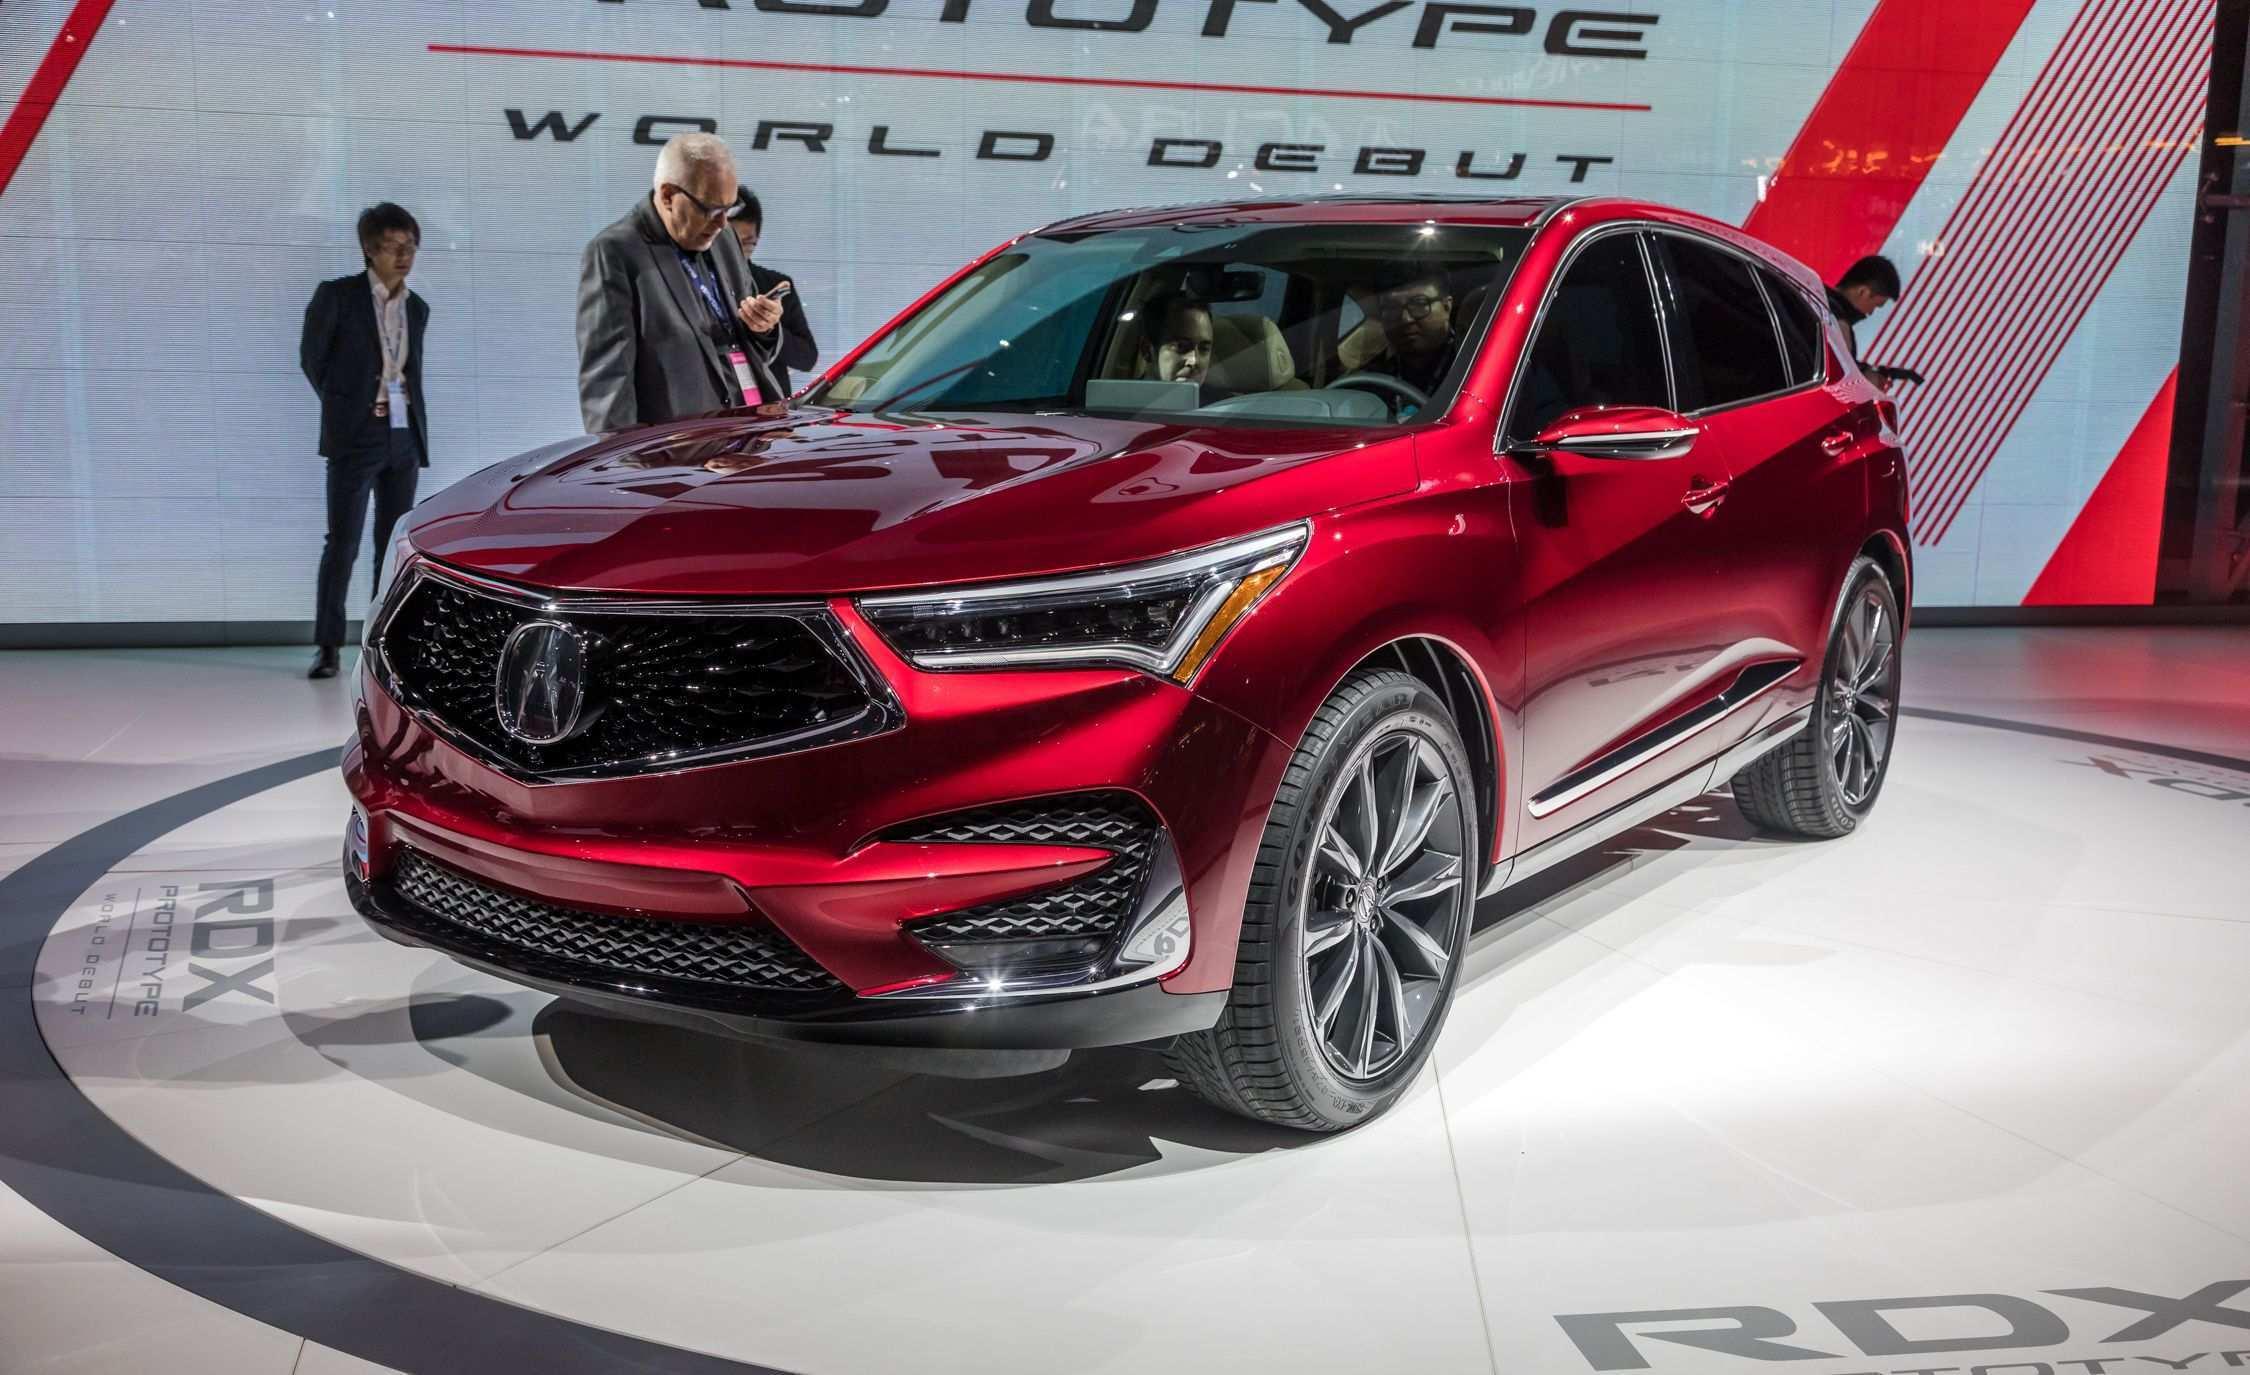 44 New 2019 Acura Rdx Hybrid Concept by 2019 Acura Rdx Hybrid